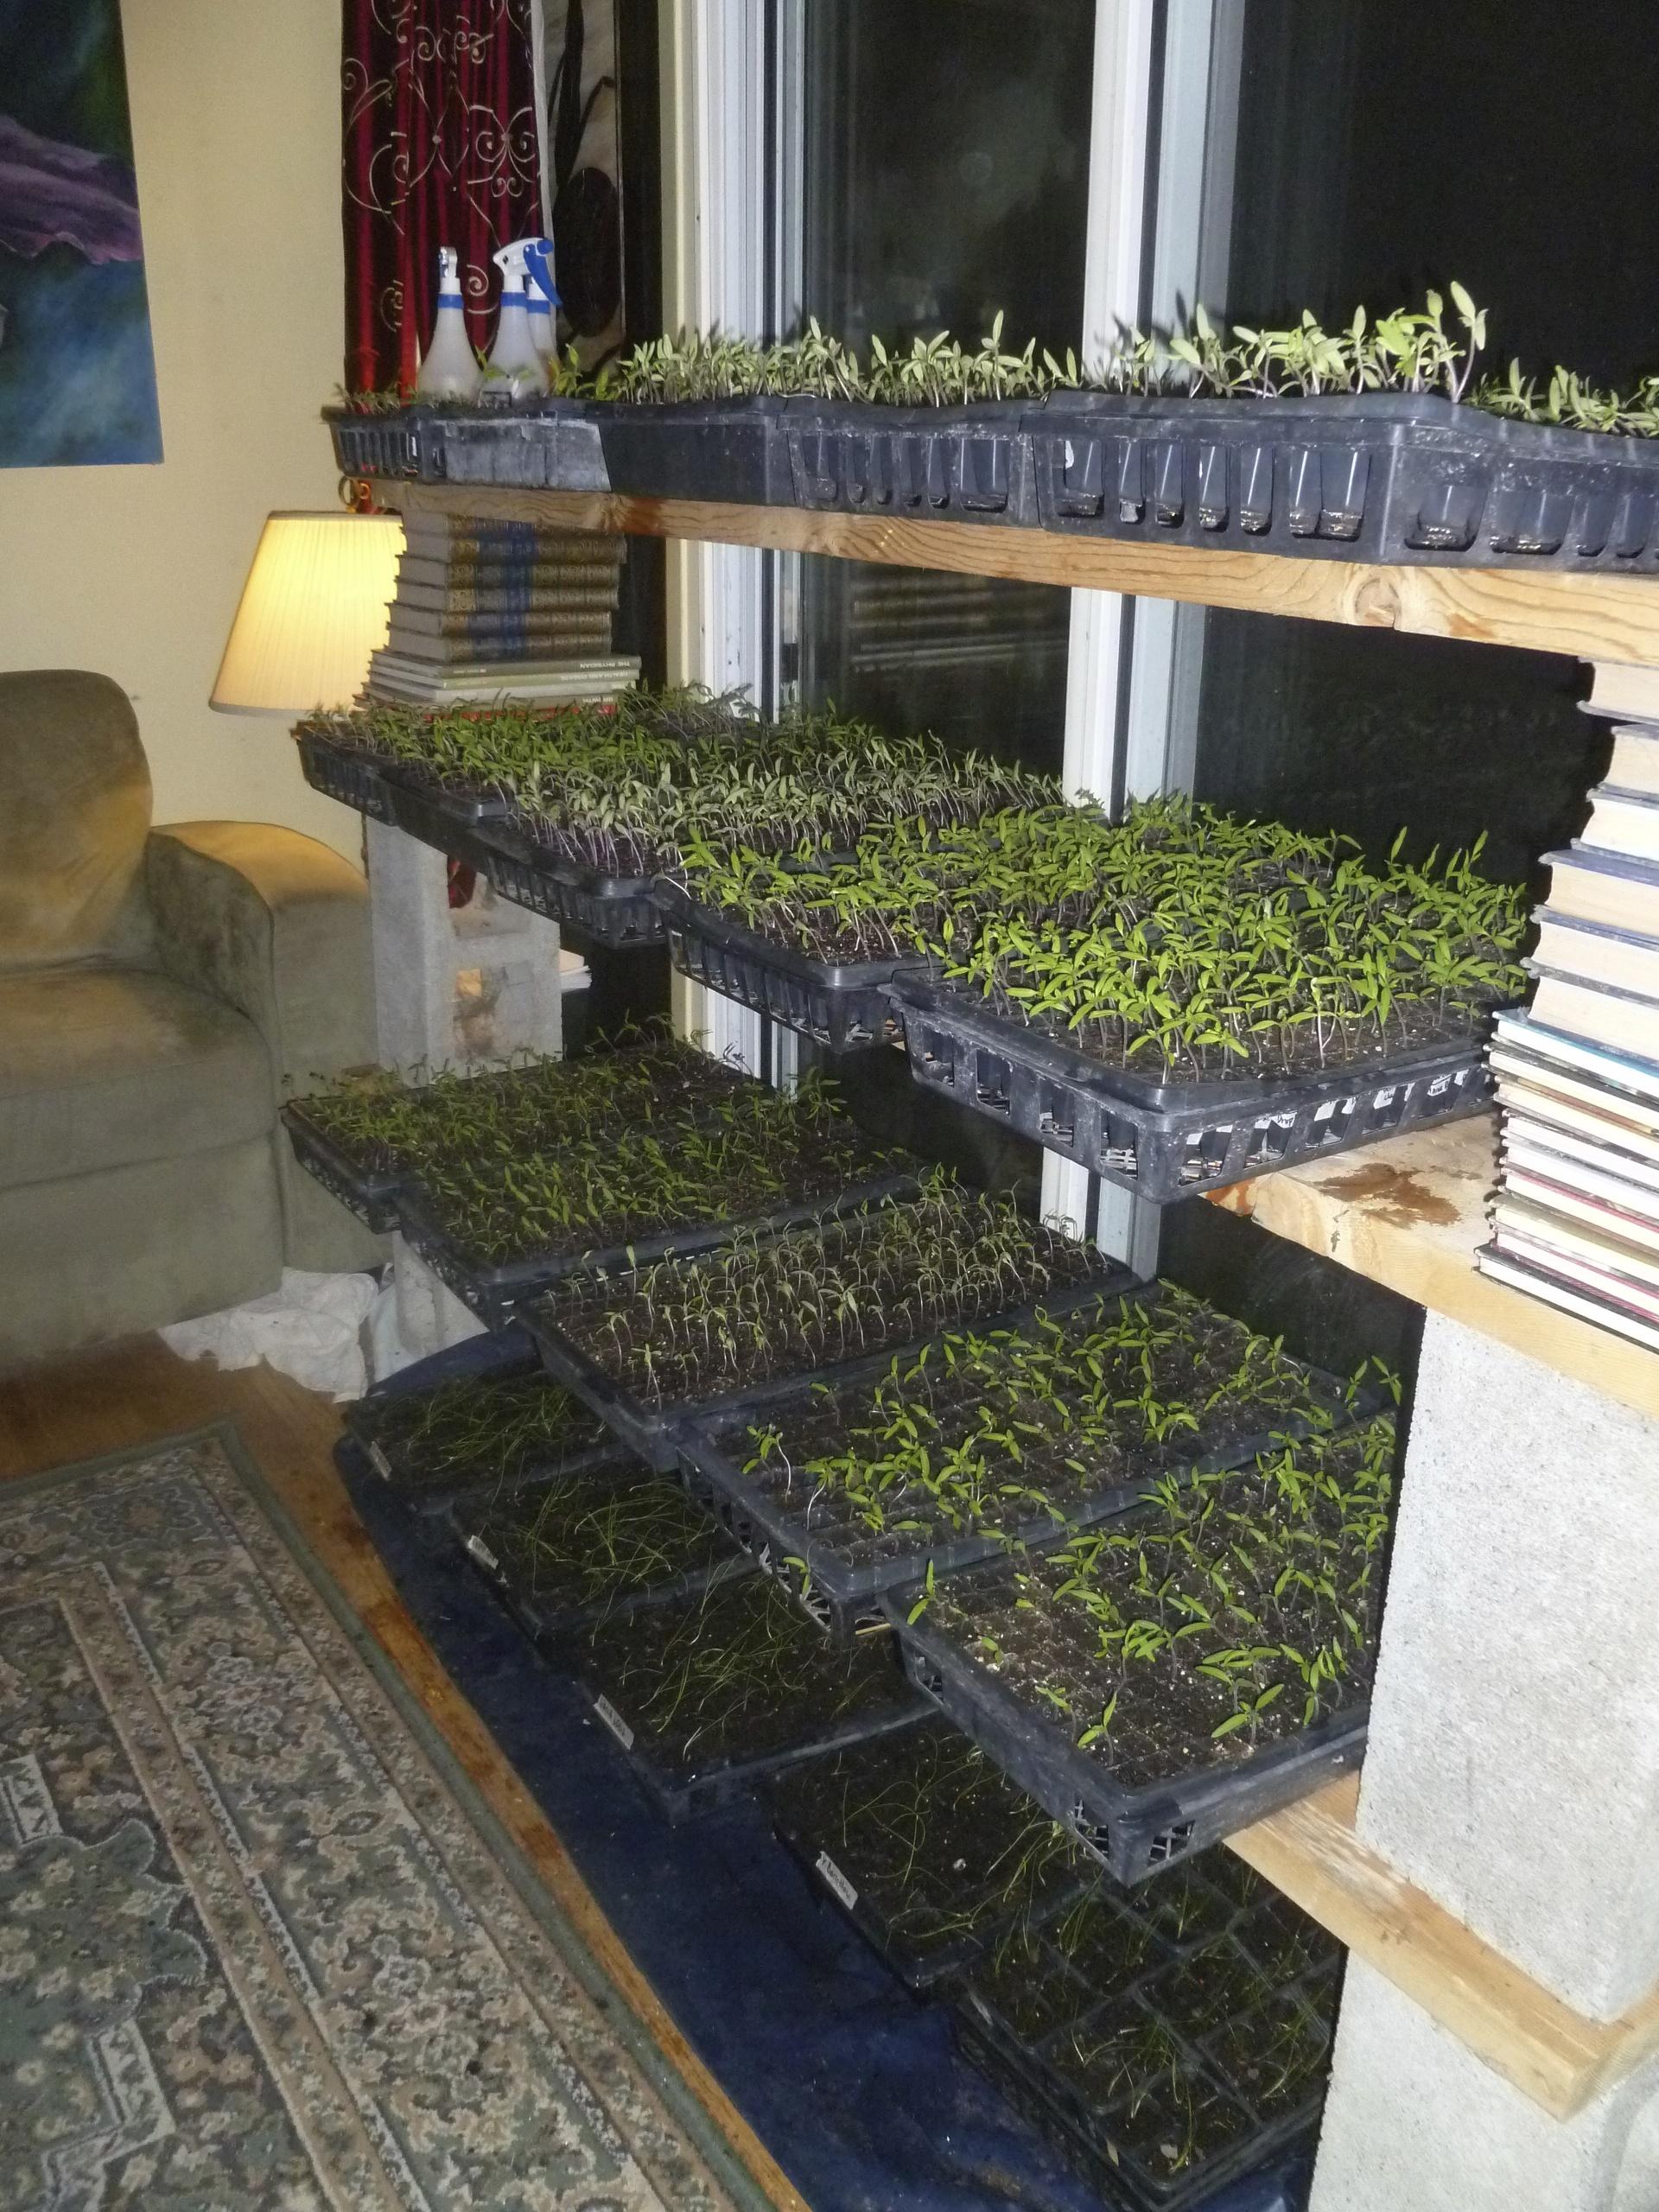 Seedlings start life in the house